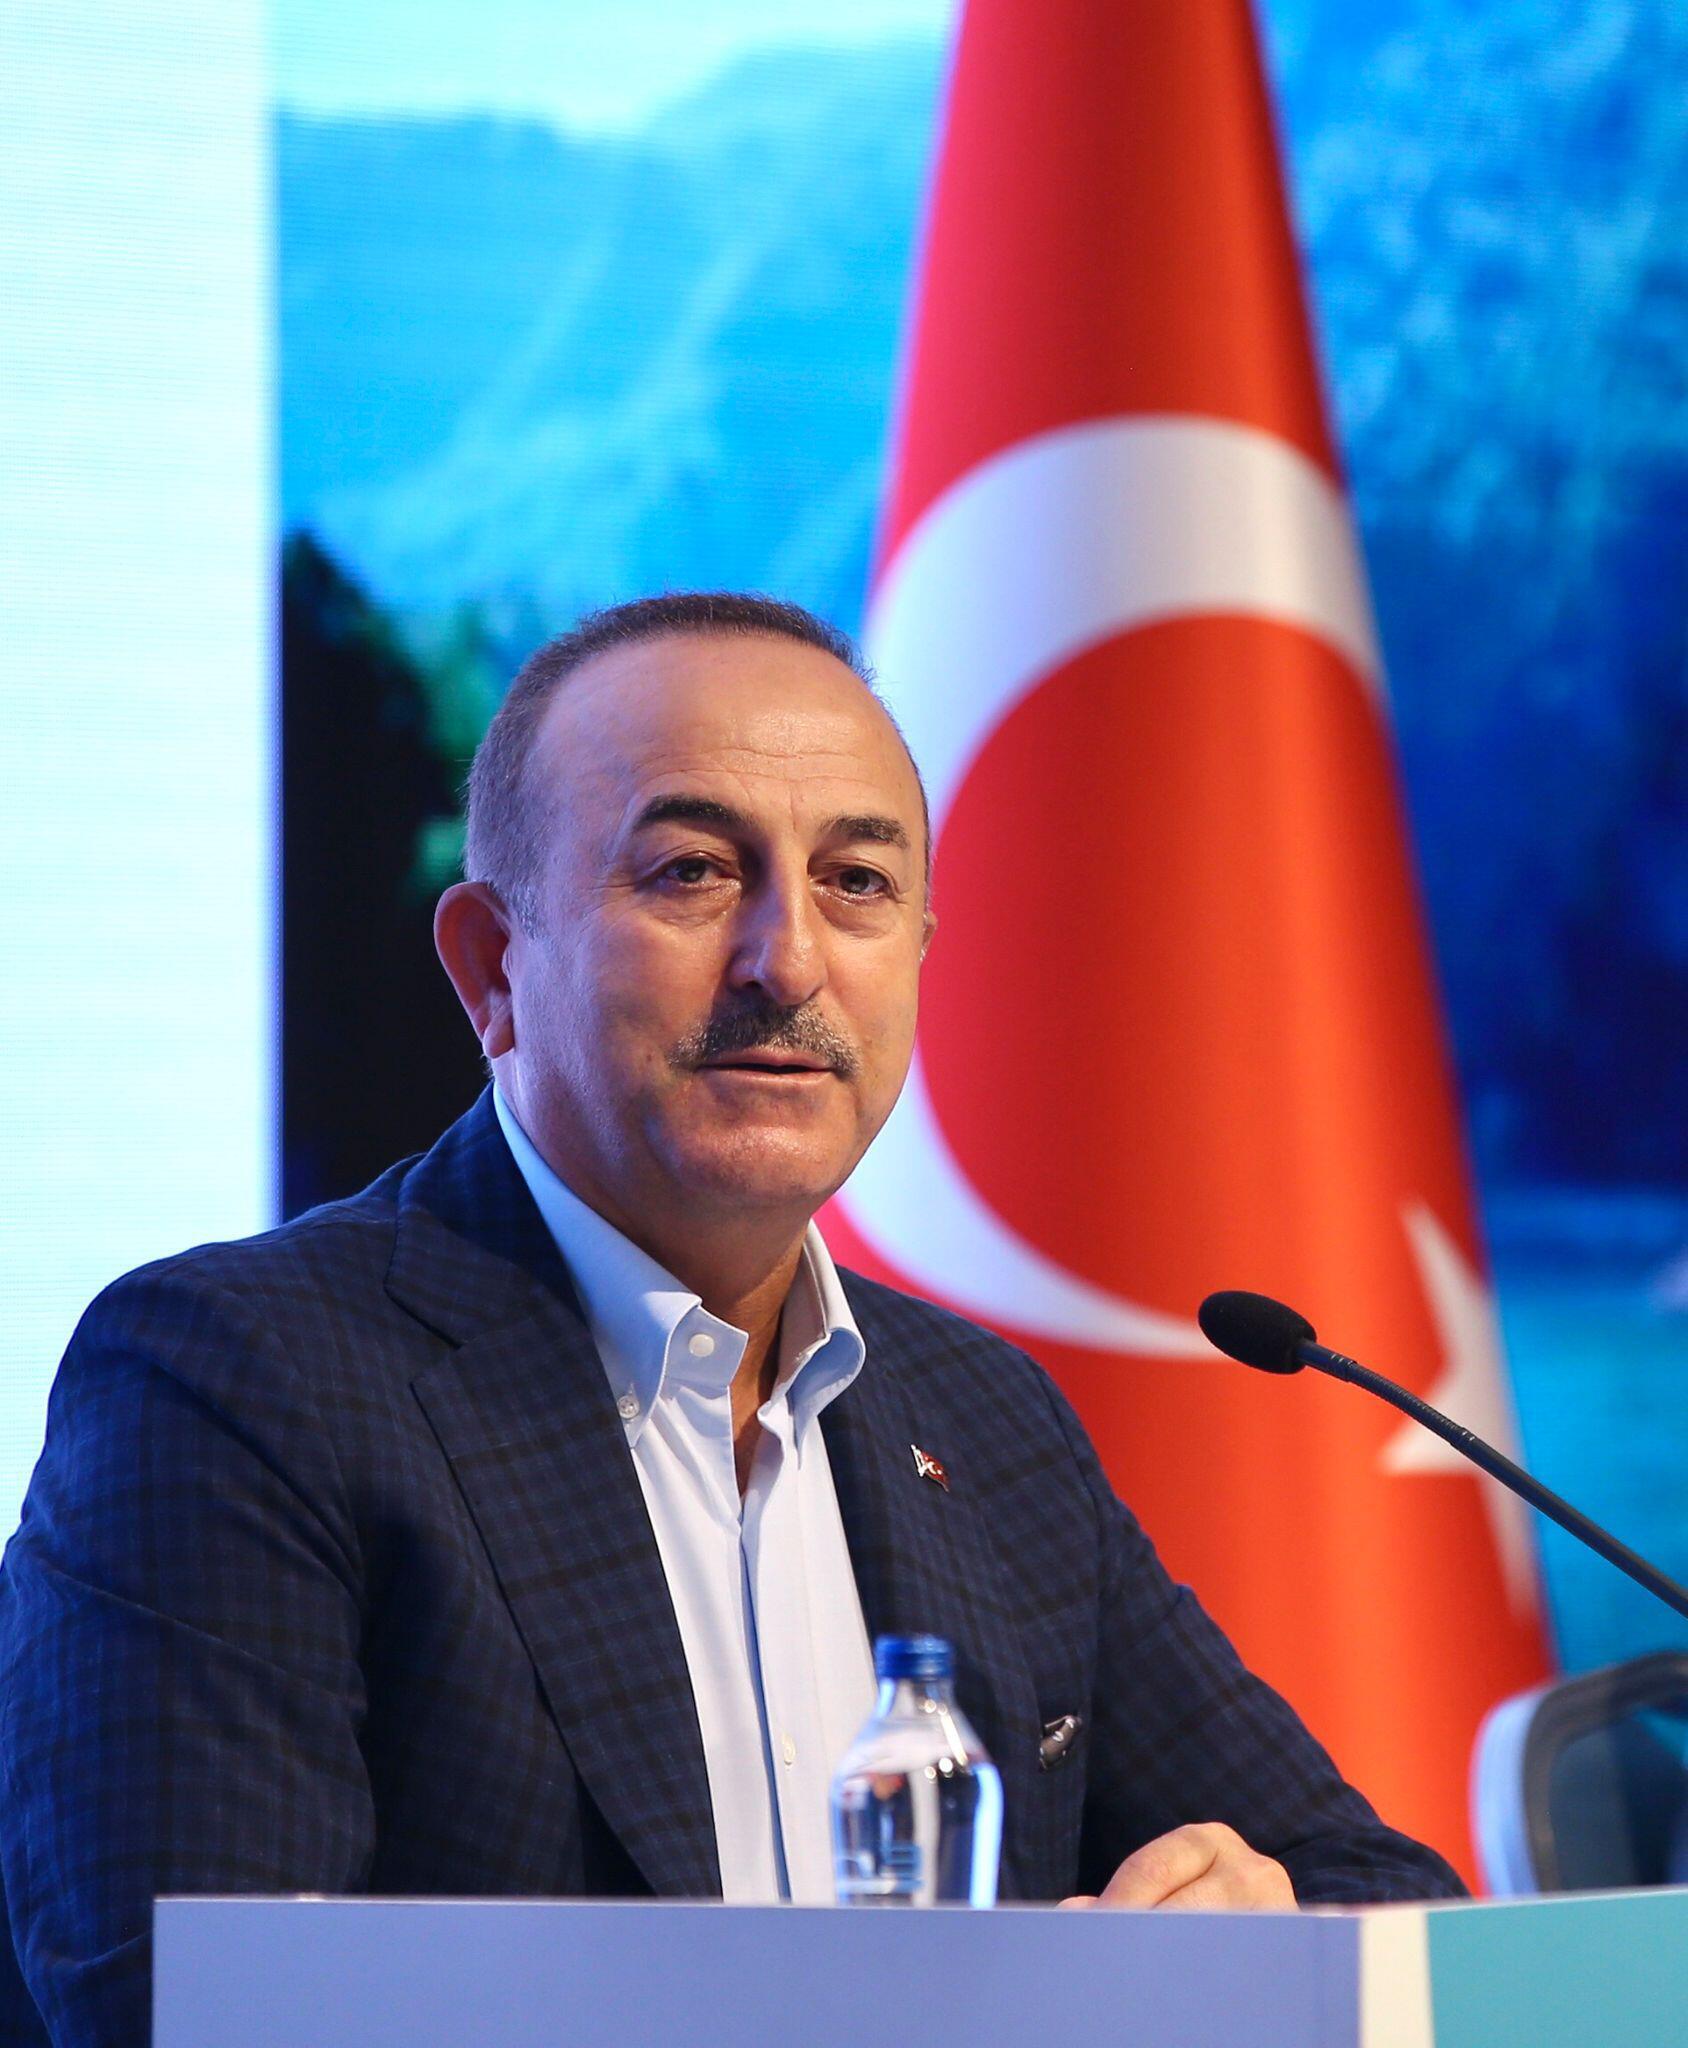 Fällt die Reisewarnung für die Türkei? - Cavusoglu und Ersoy kommen nach Berlin